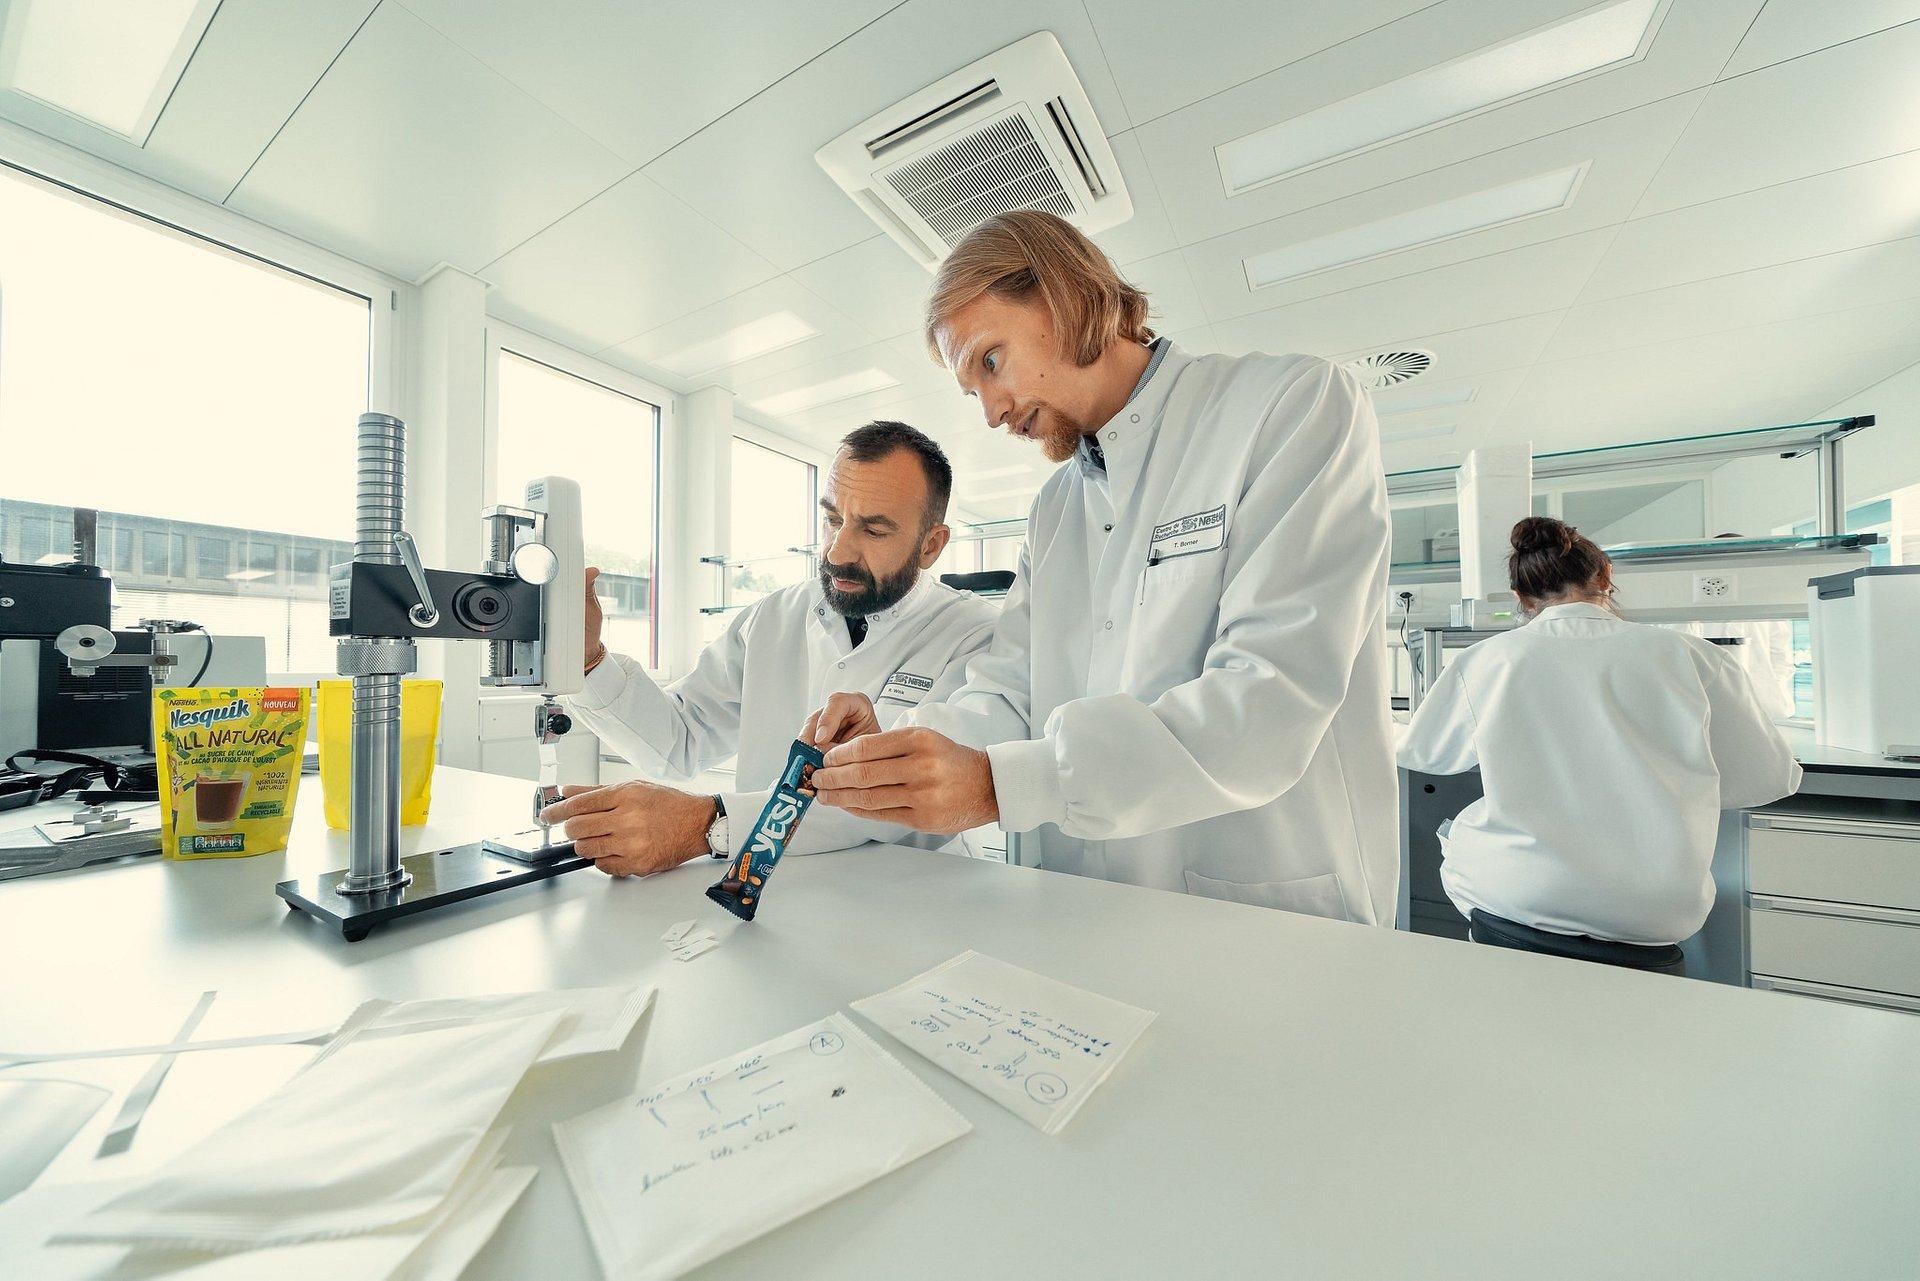 Novo centro de pesquisa da Nestlé é o primeiro da indústria alimentar dedicado ao estudo das embalagens